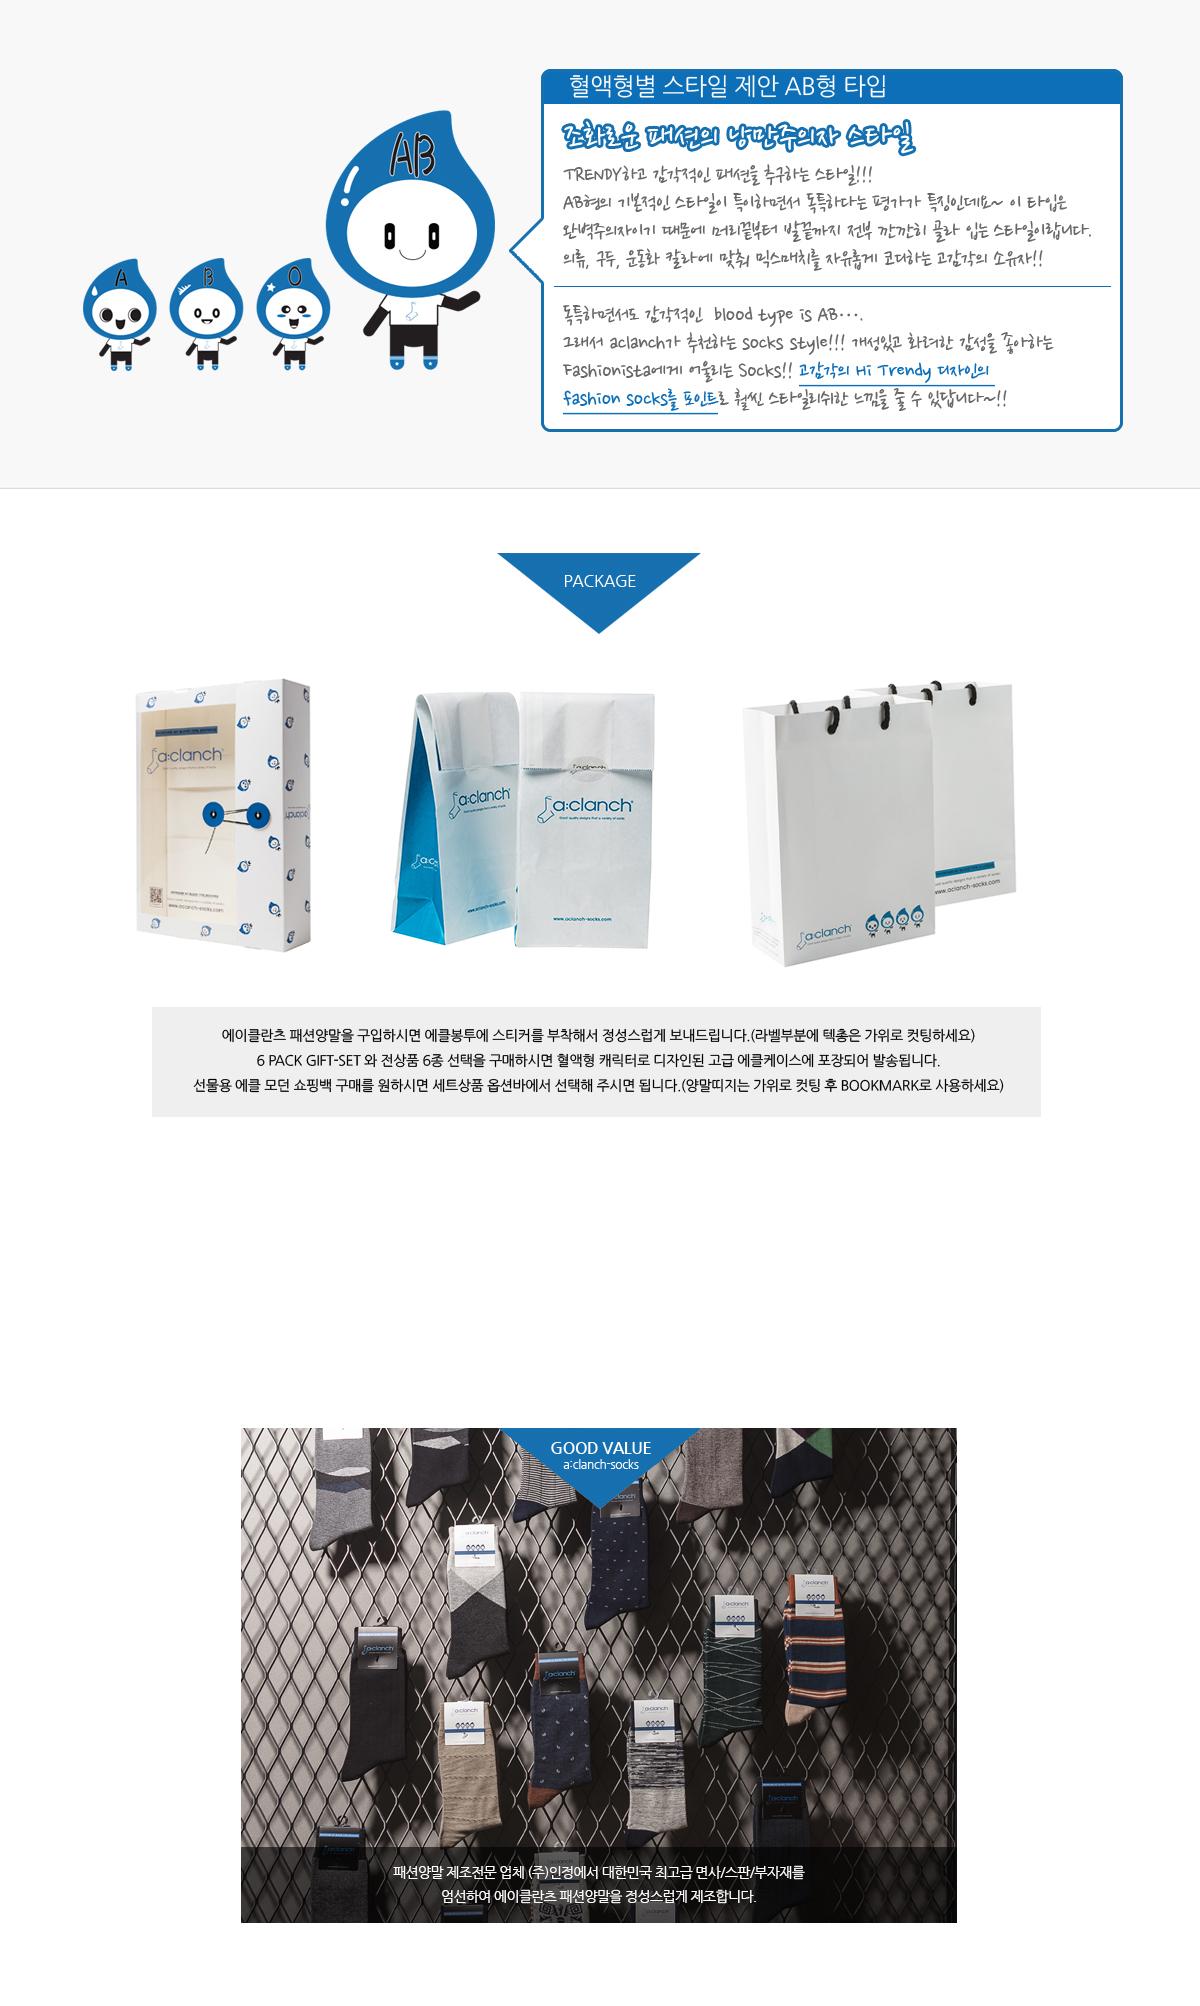 남자정장양말 모던 블랙 삭스 - 에이클란츠, 1,500원, 남성양말, 패션양말